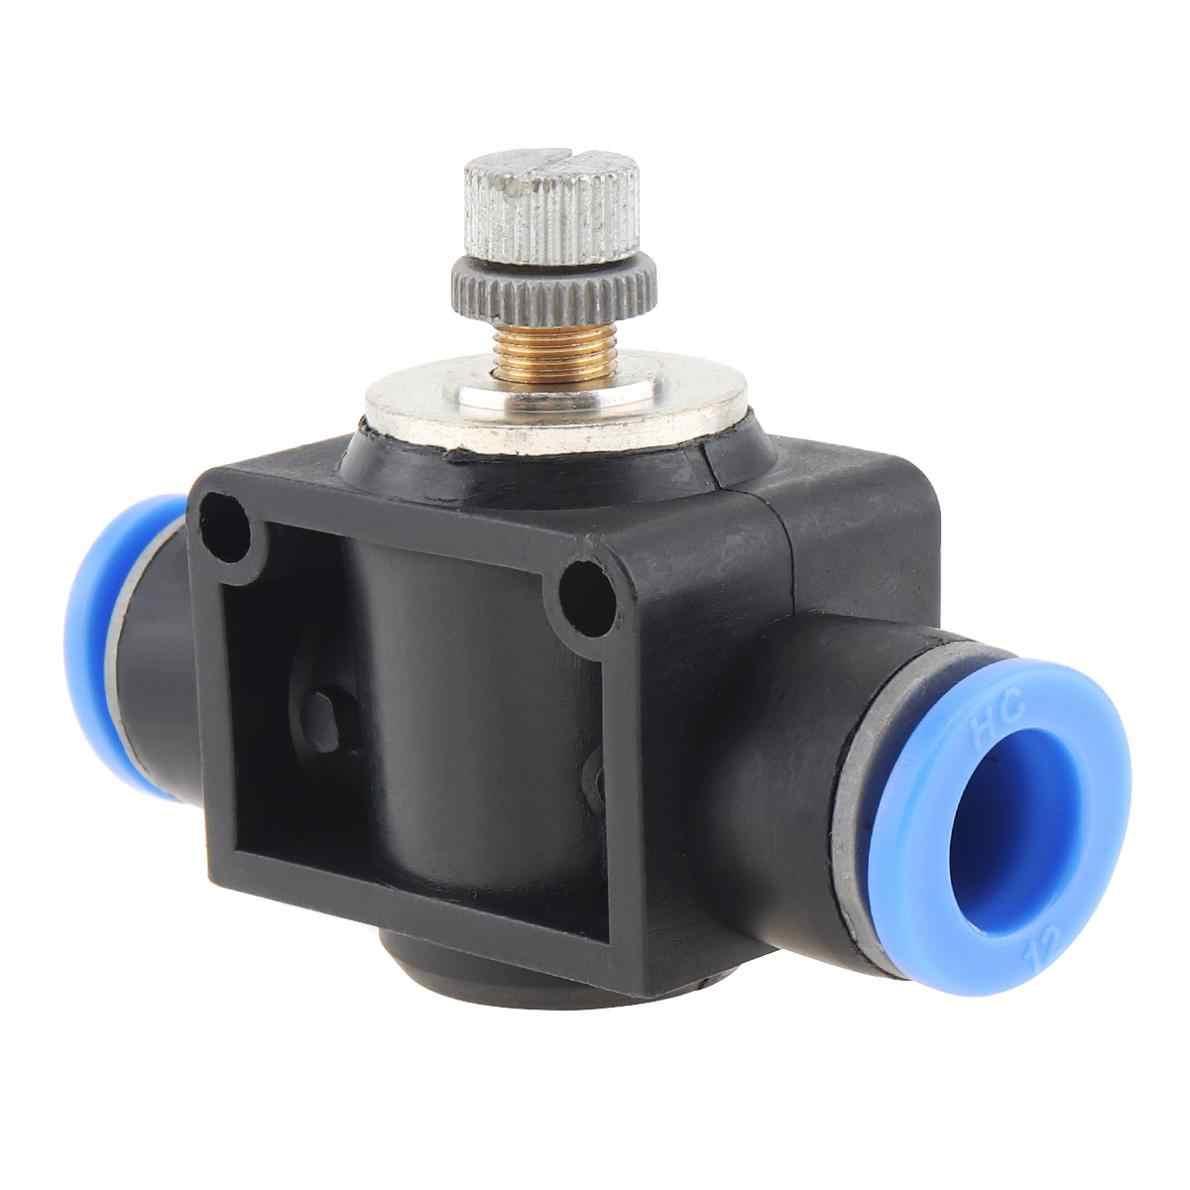 12mm práctico negro ajustable componentes neumáticos conector rápido Válvula de mano de flujo de Gas con enchufe de plástico